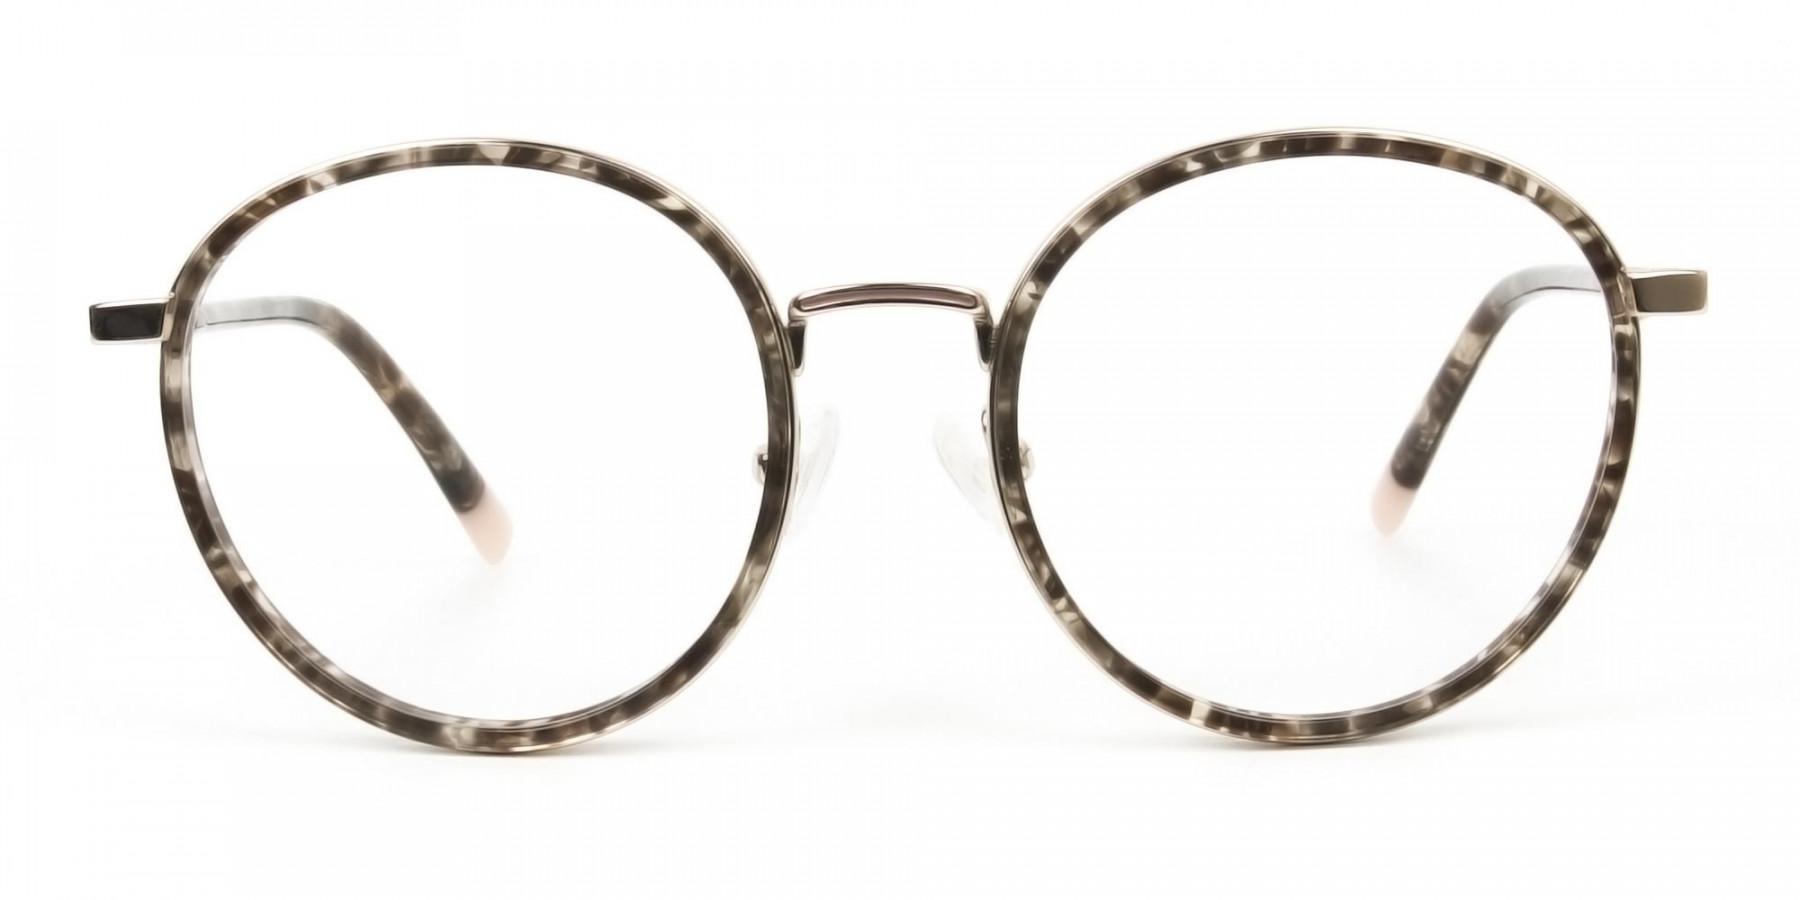 High Nose Bridge Glasses in Tortoiseshell Round Frame -1